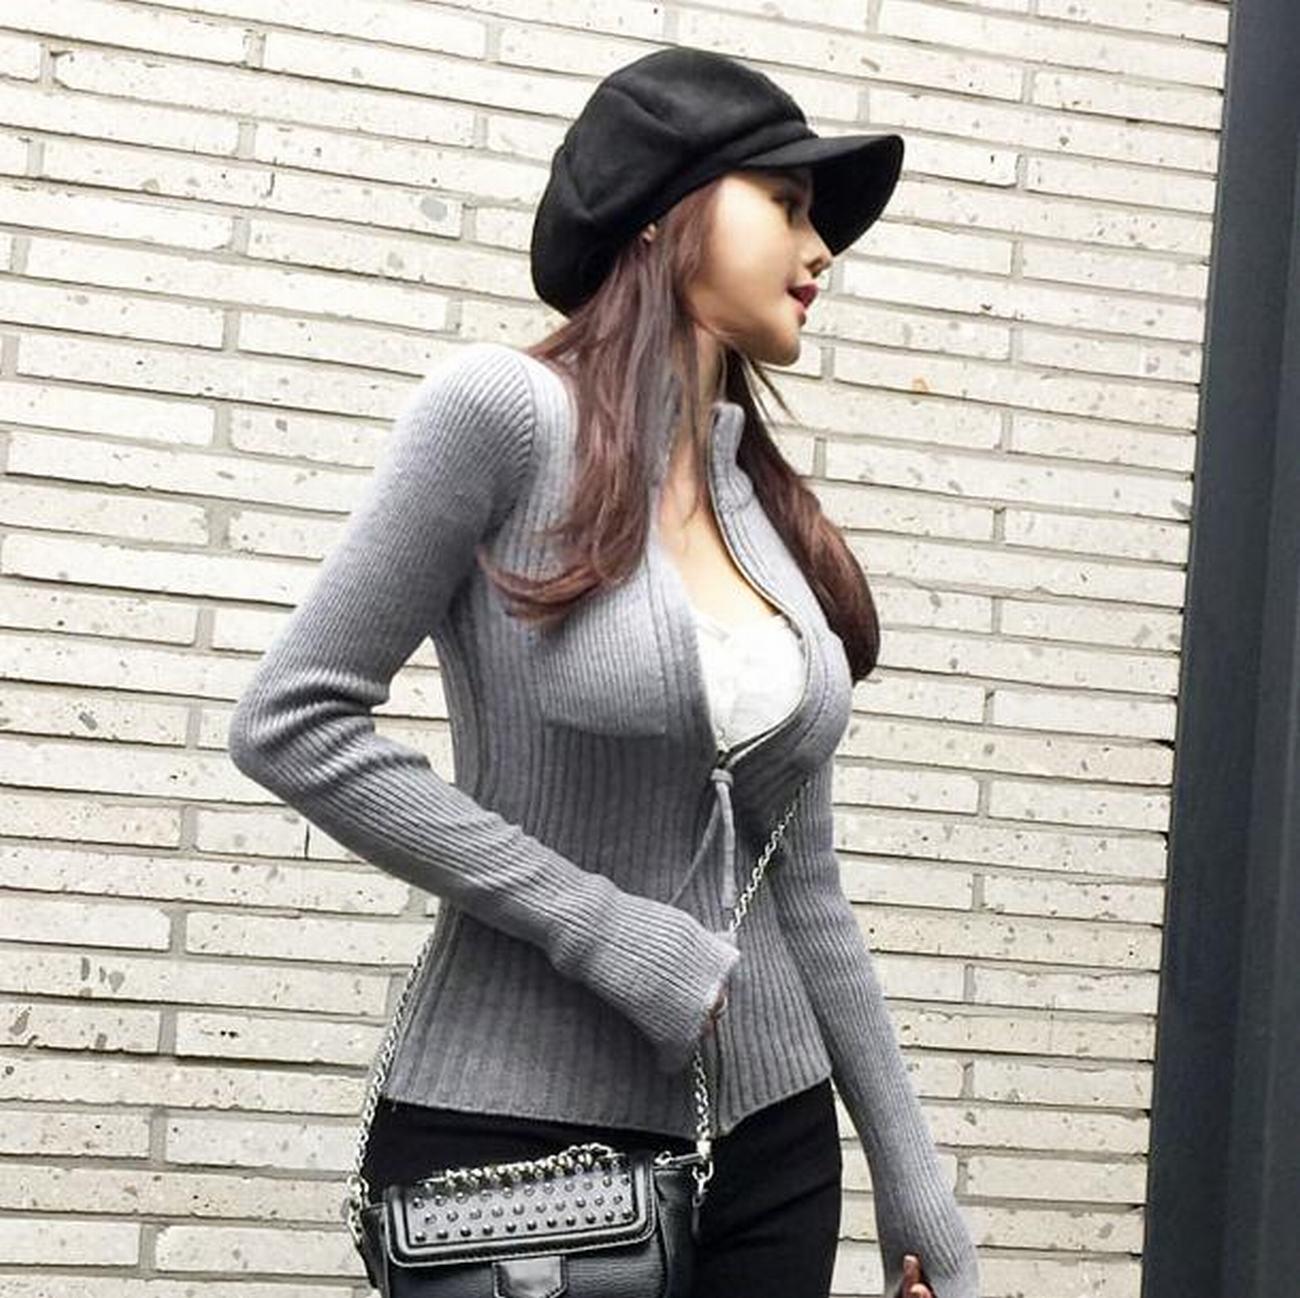 韩国代购正品立领针织开衫女长袖紧身打底毛衣上衣秋季拉链衫外套